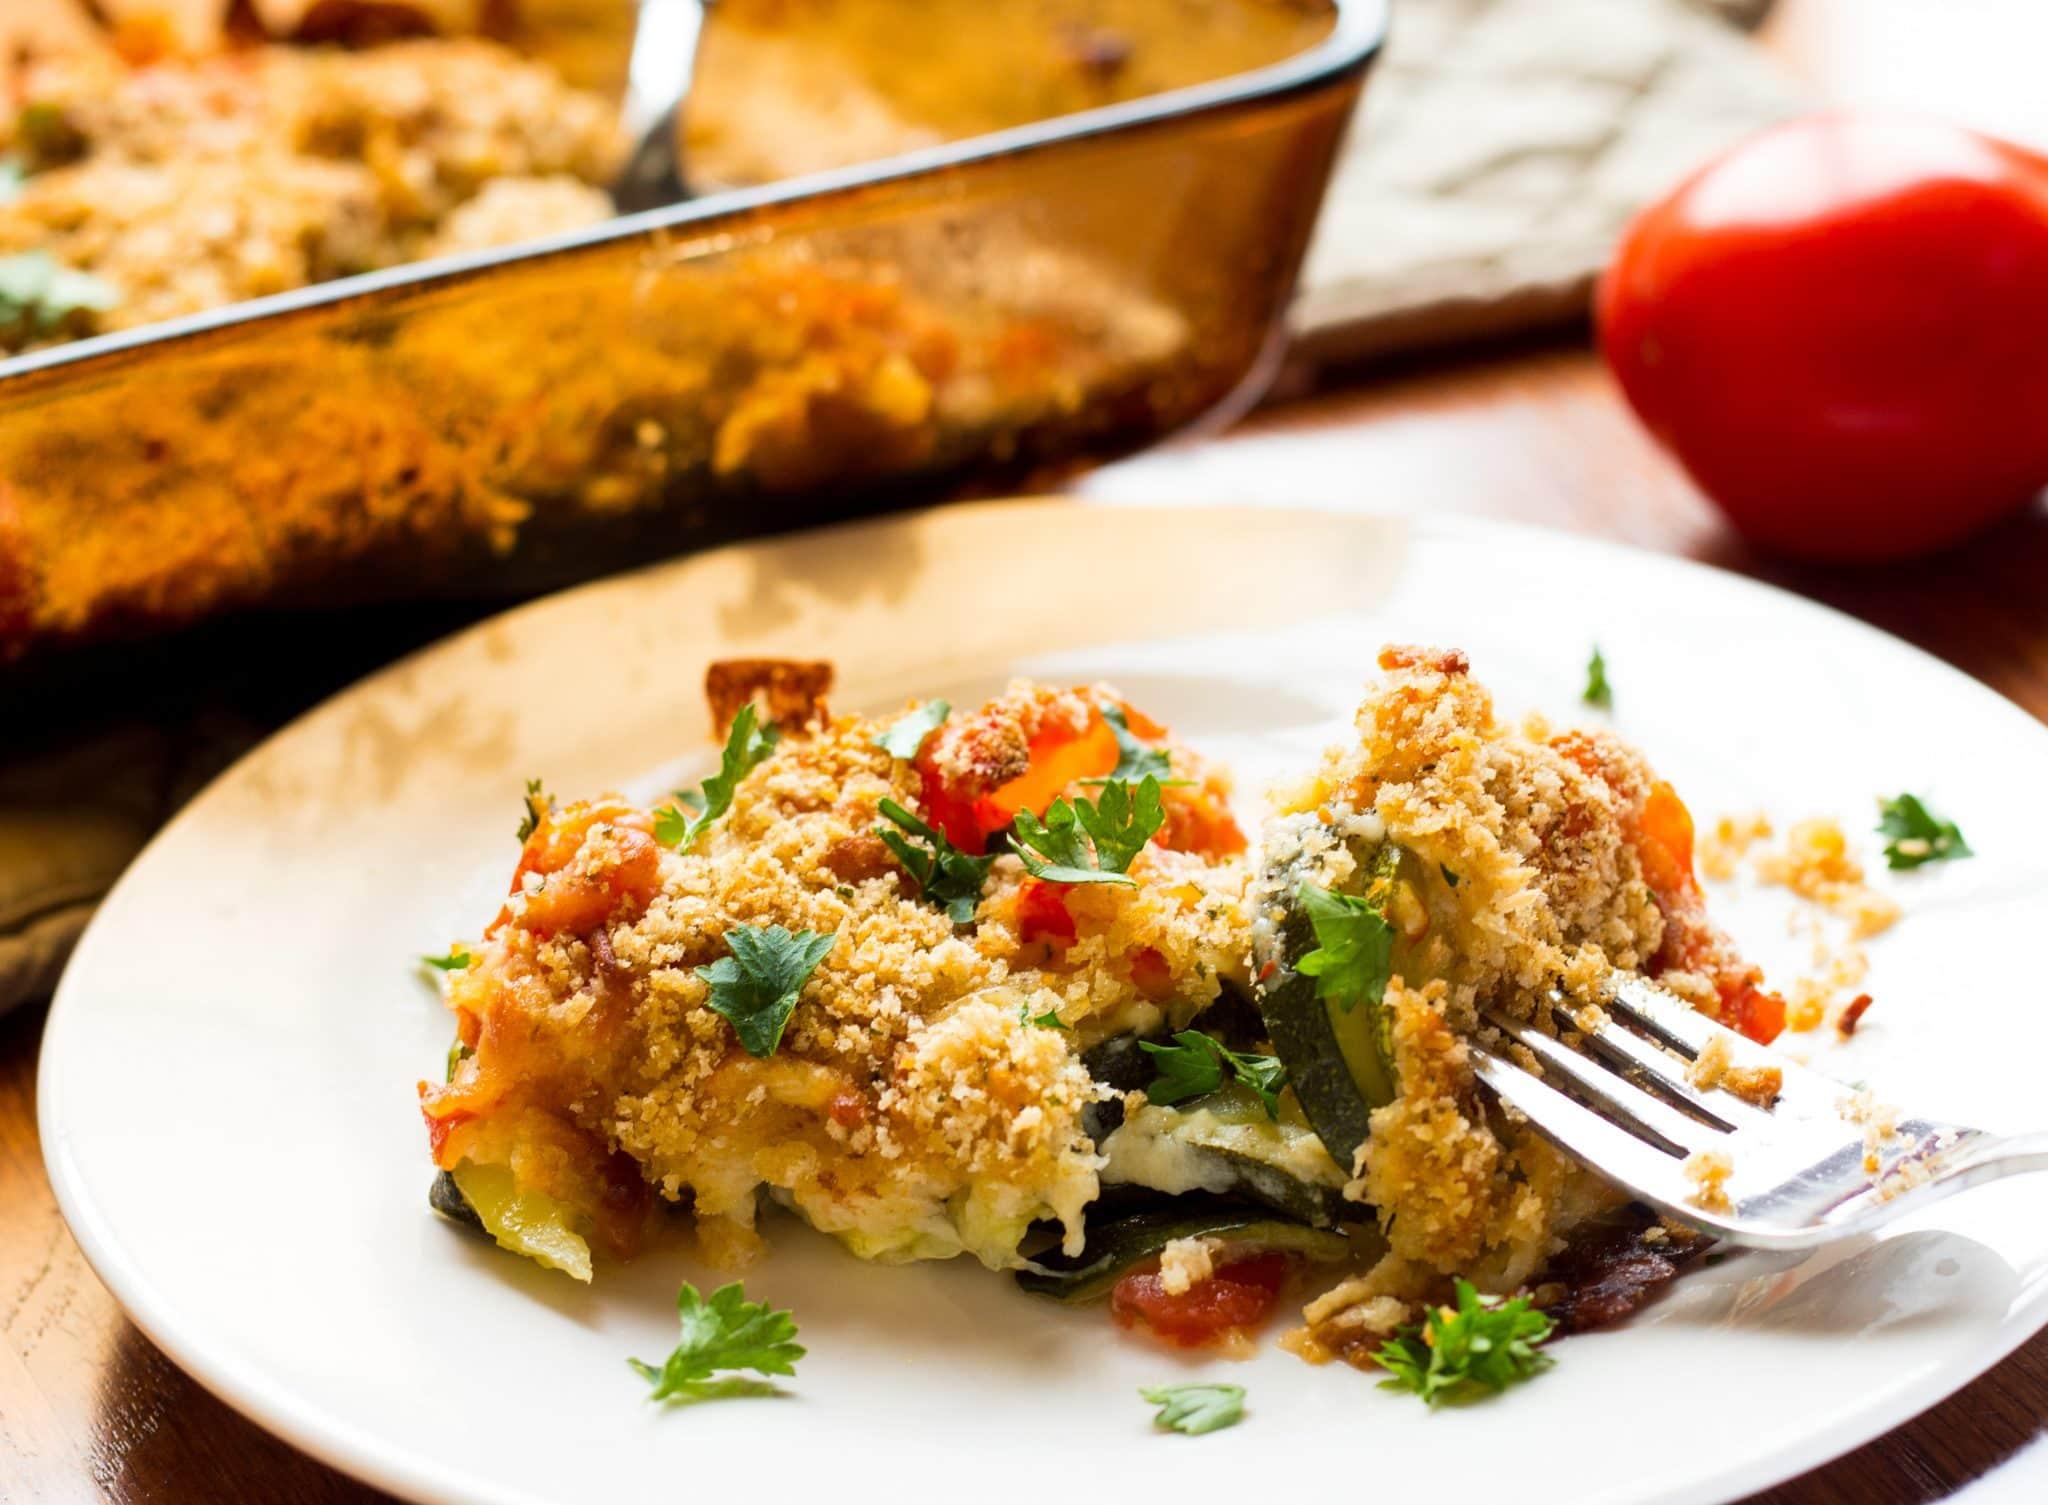 Tomato Zucchini and Mozzarella with Panko